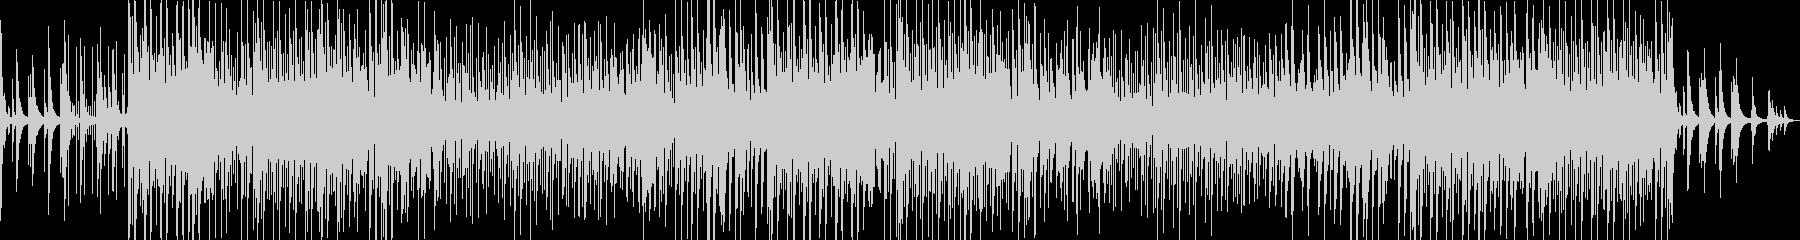 チルなピアノローファイヒップホップの未再生の波形